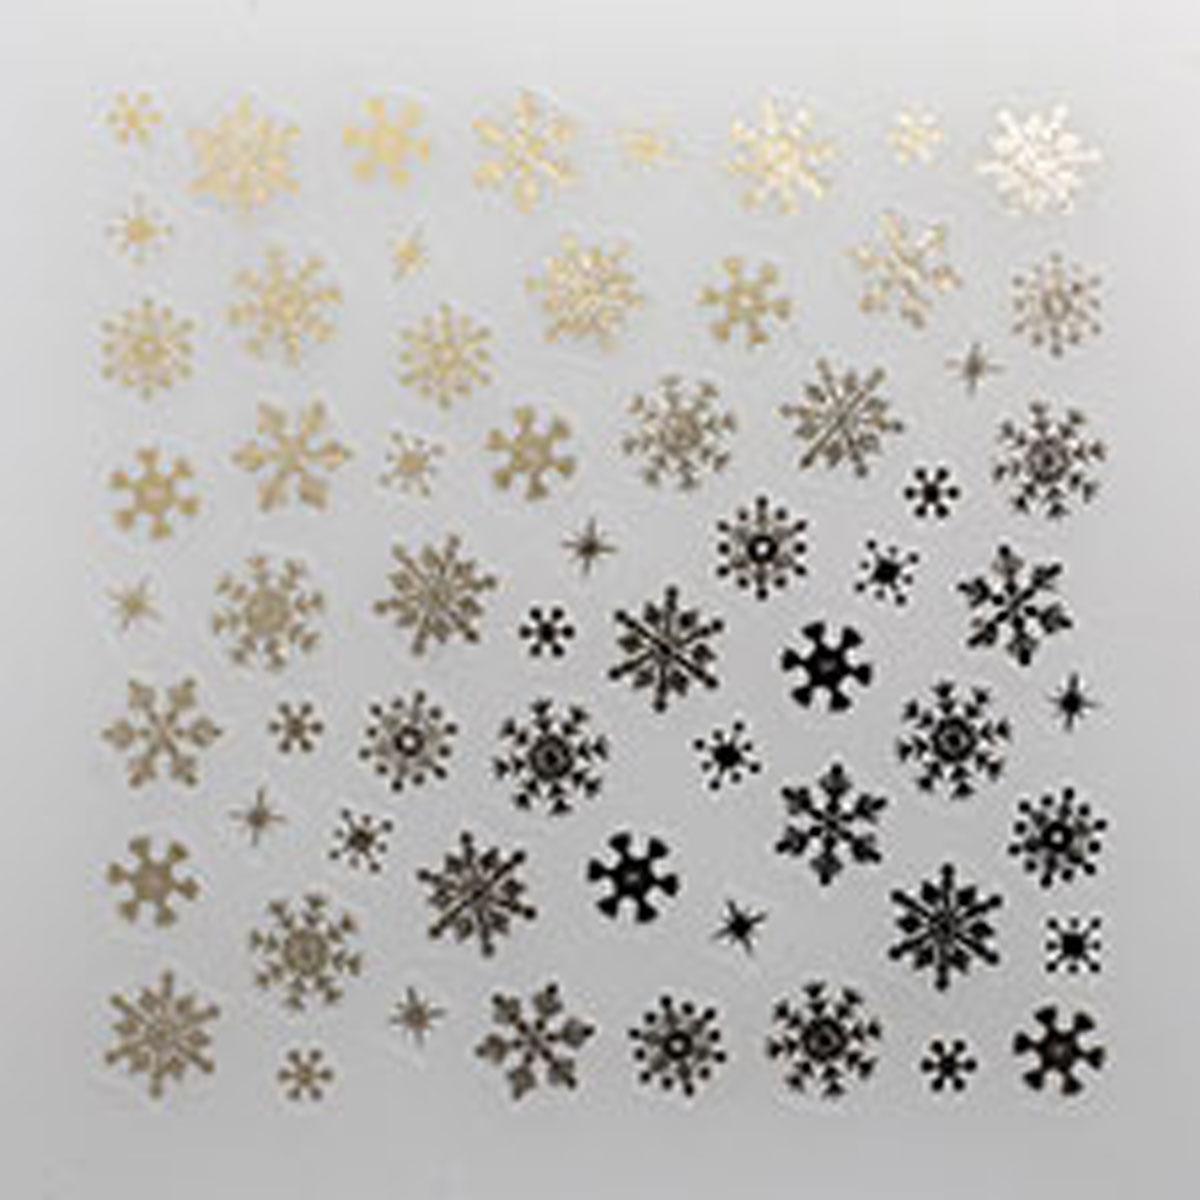 shareydva (シャレドワ) ネイルシール スノークリスタル シルバー 雪 結晶 冬ネイル セルフネイル マニキュア 87840